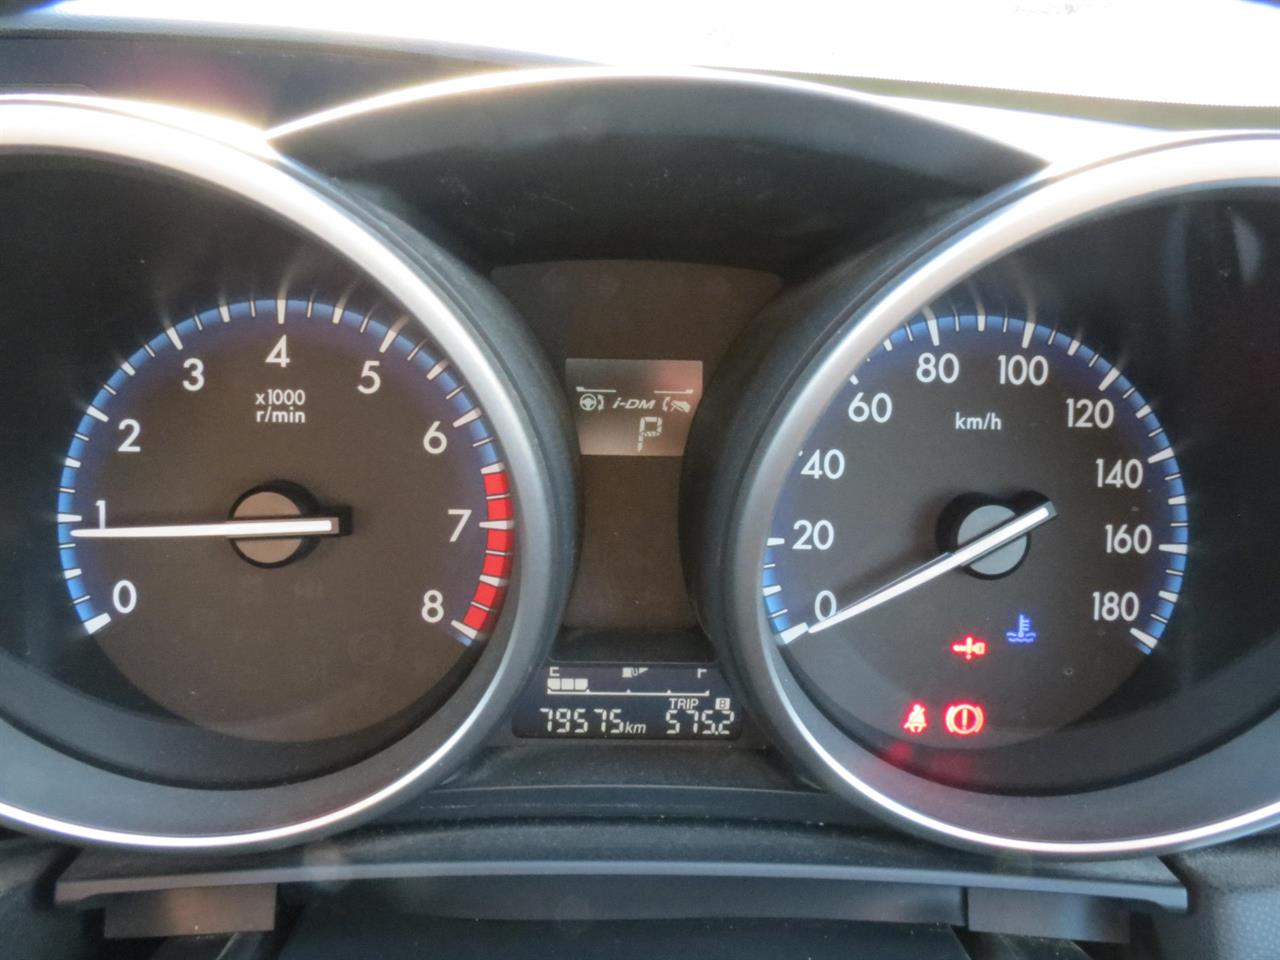 2012 Mazda Axela | only $44 weekly